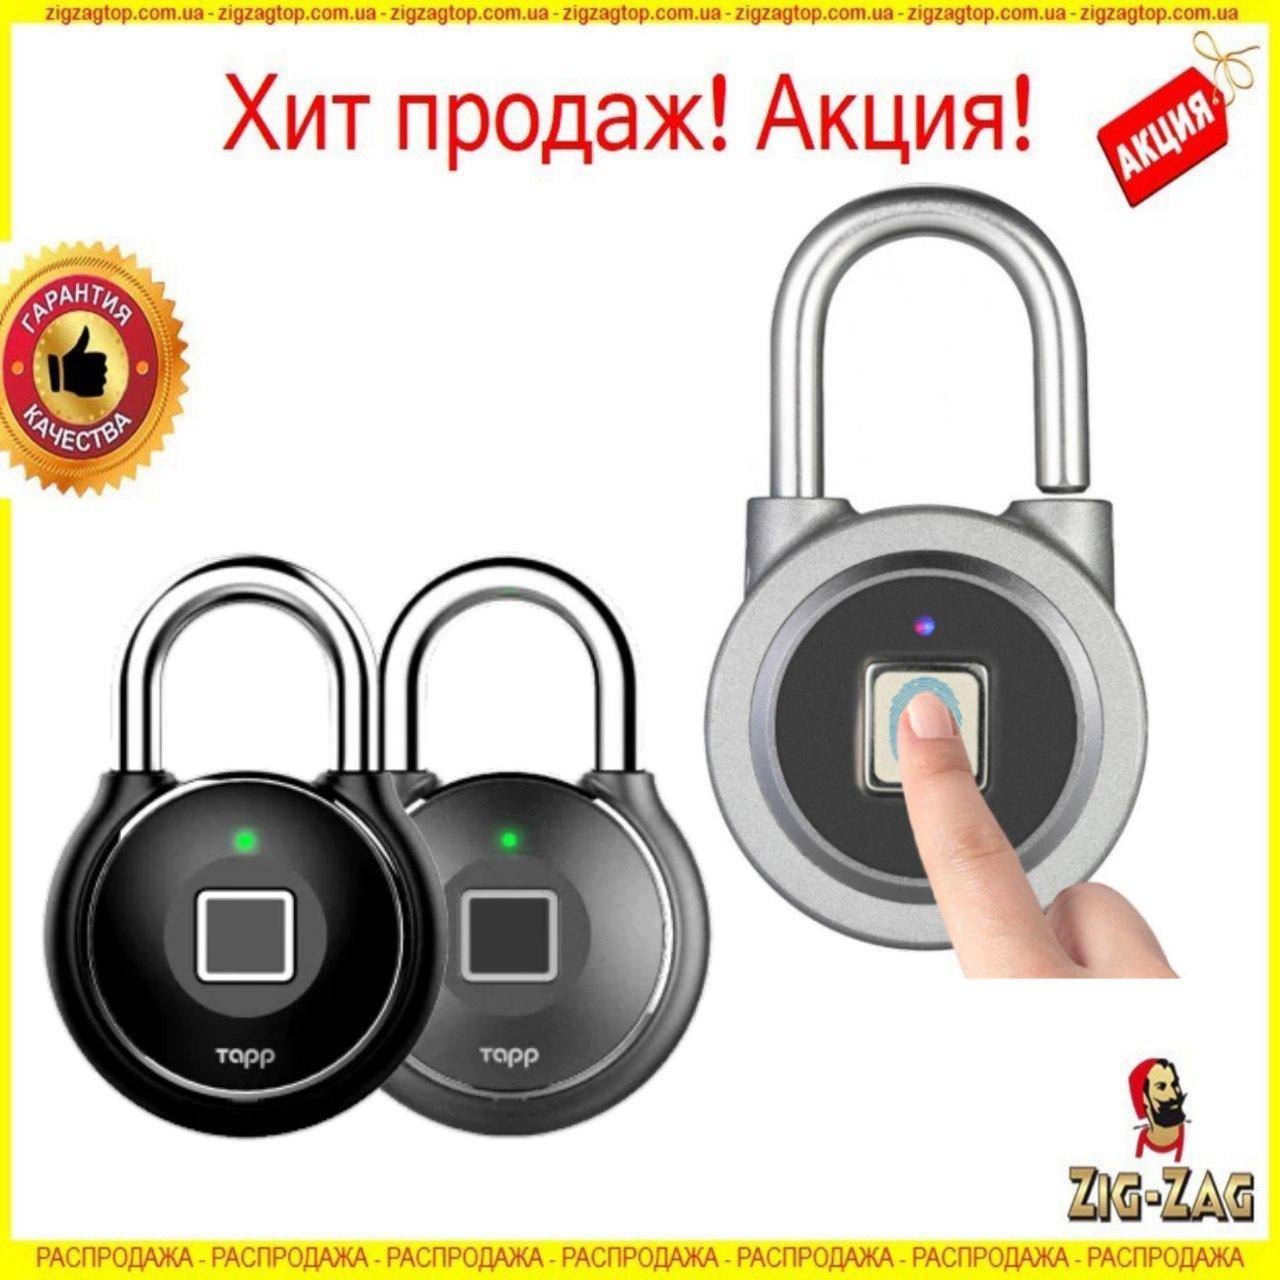 Умный замок APP LOCK открытие дверей по отпечатку Bluetooth для разблокировки блютуз Высокое качество NEW